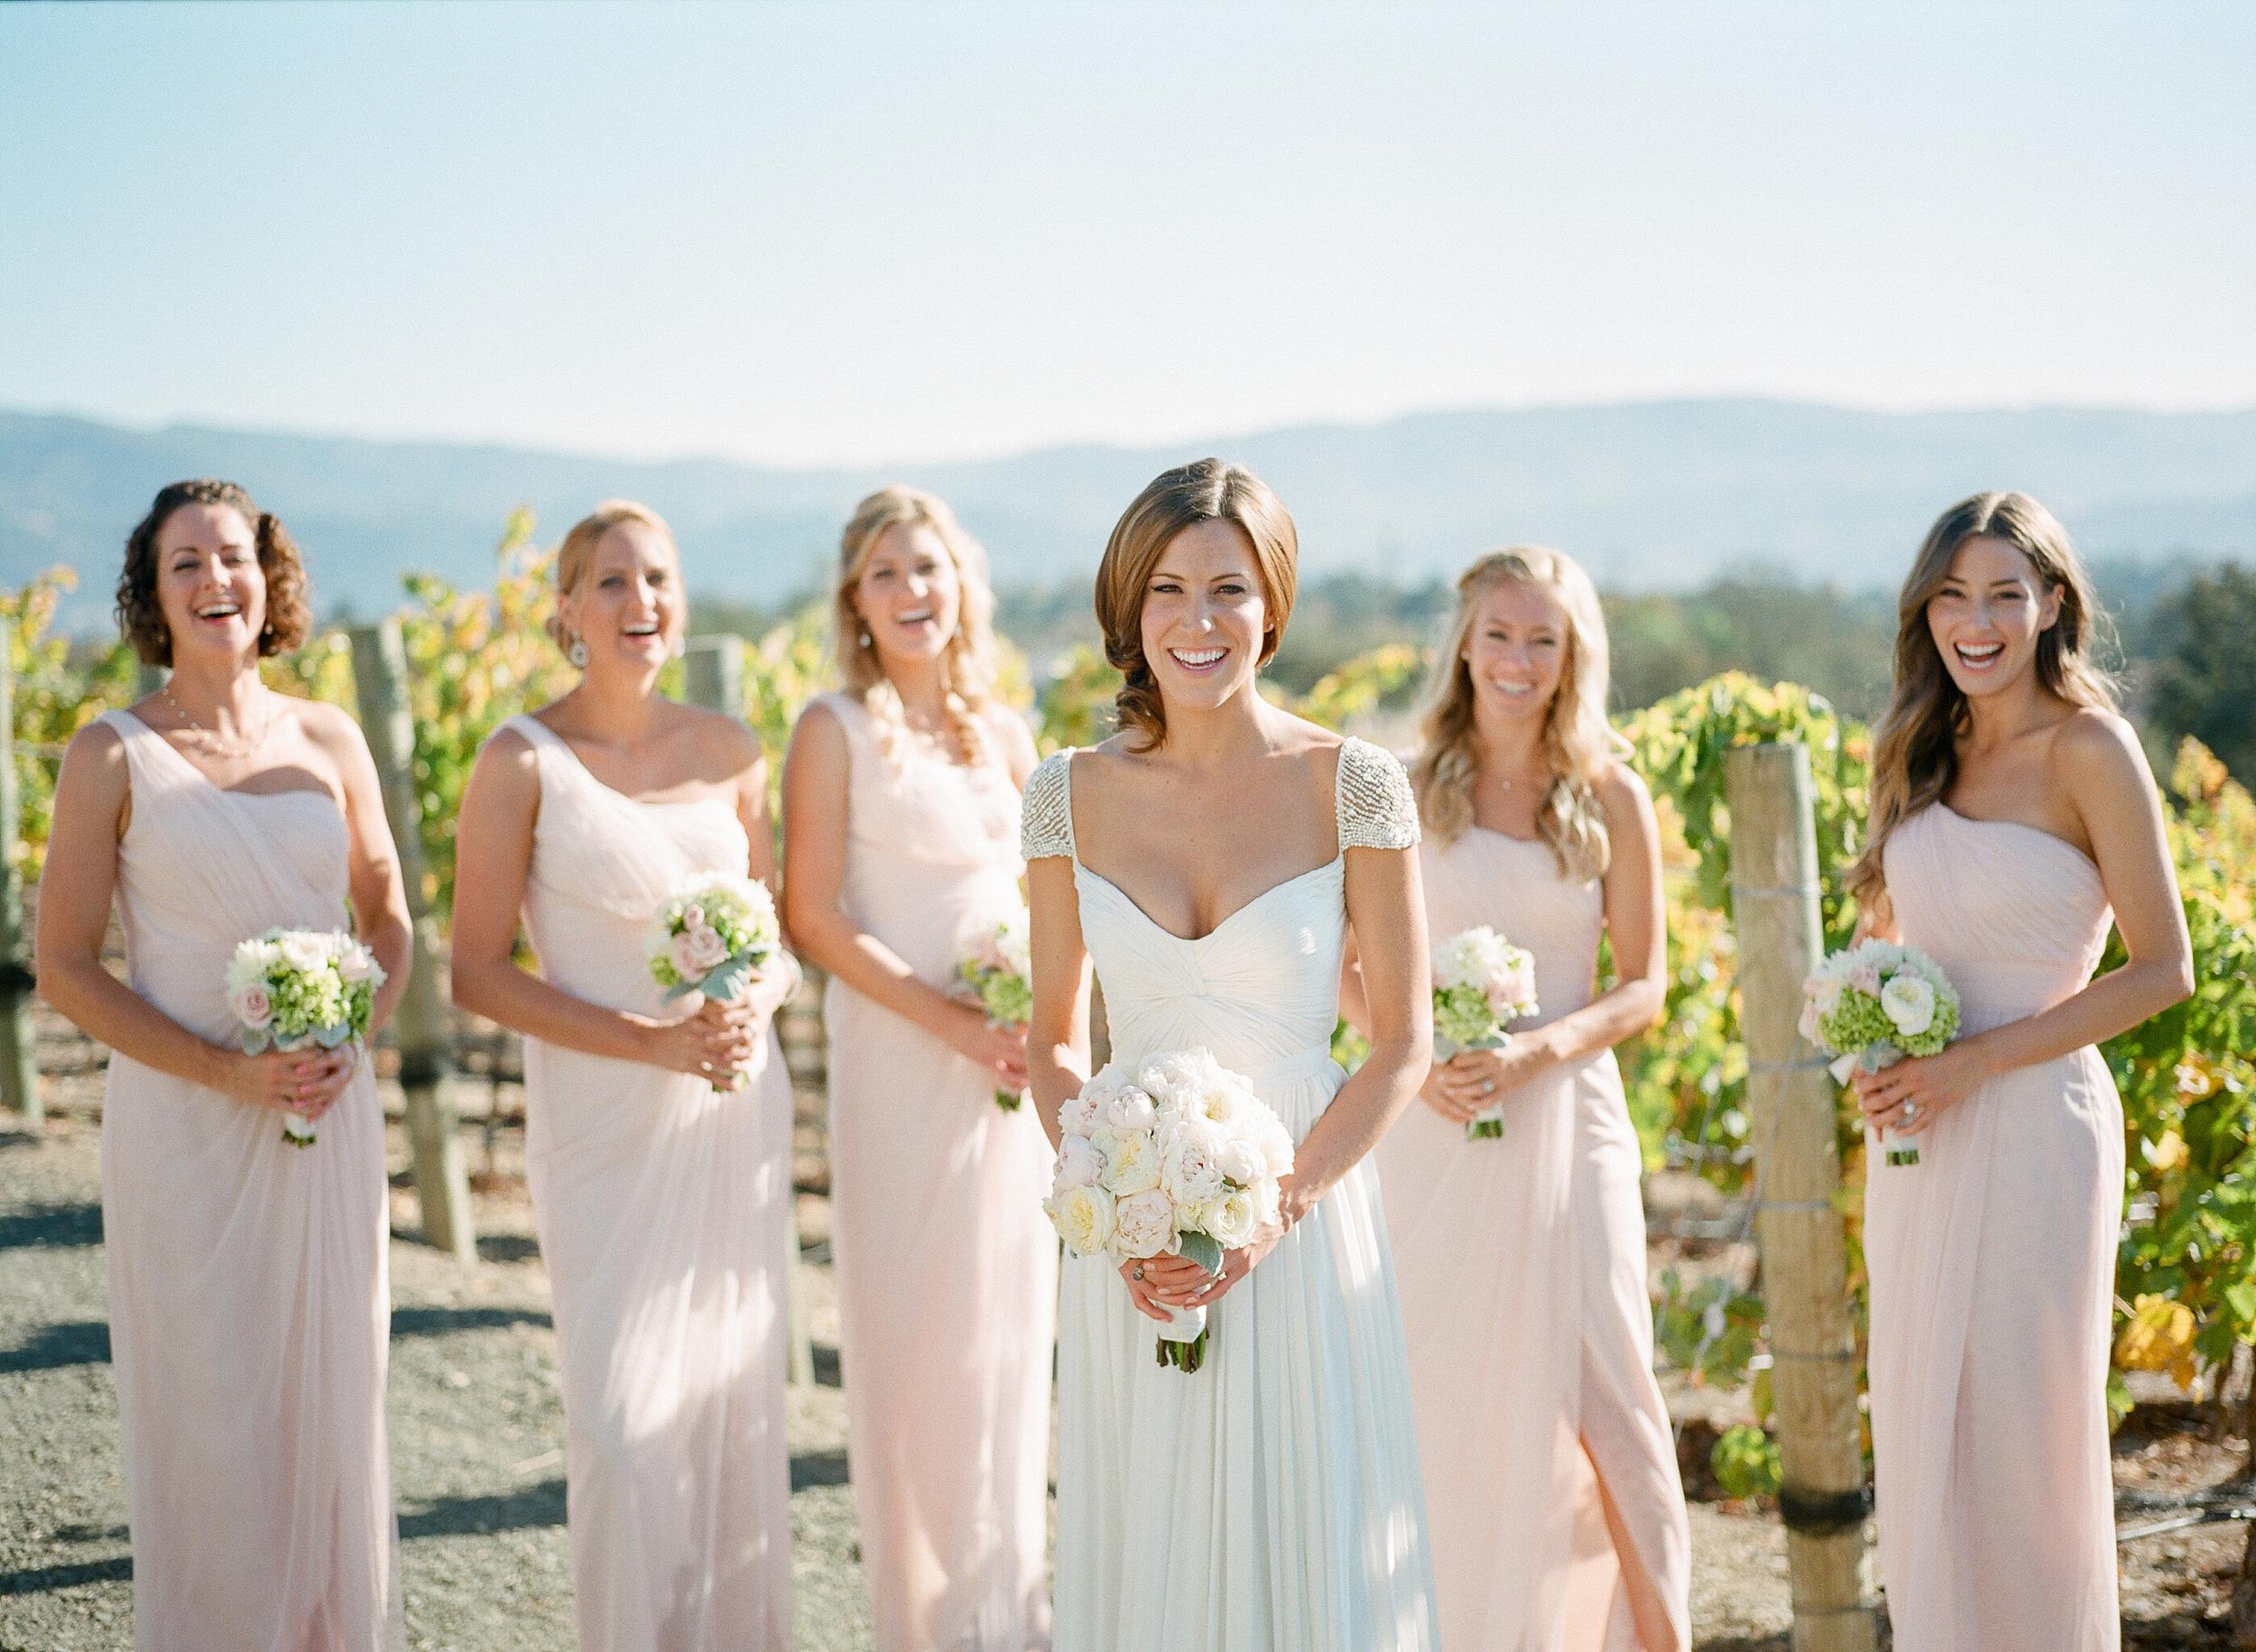 hogan-wedding-blog-05.jpg